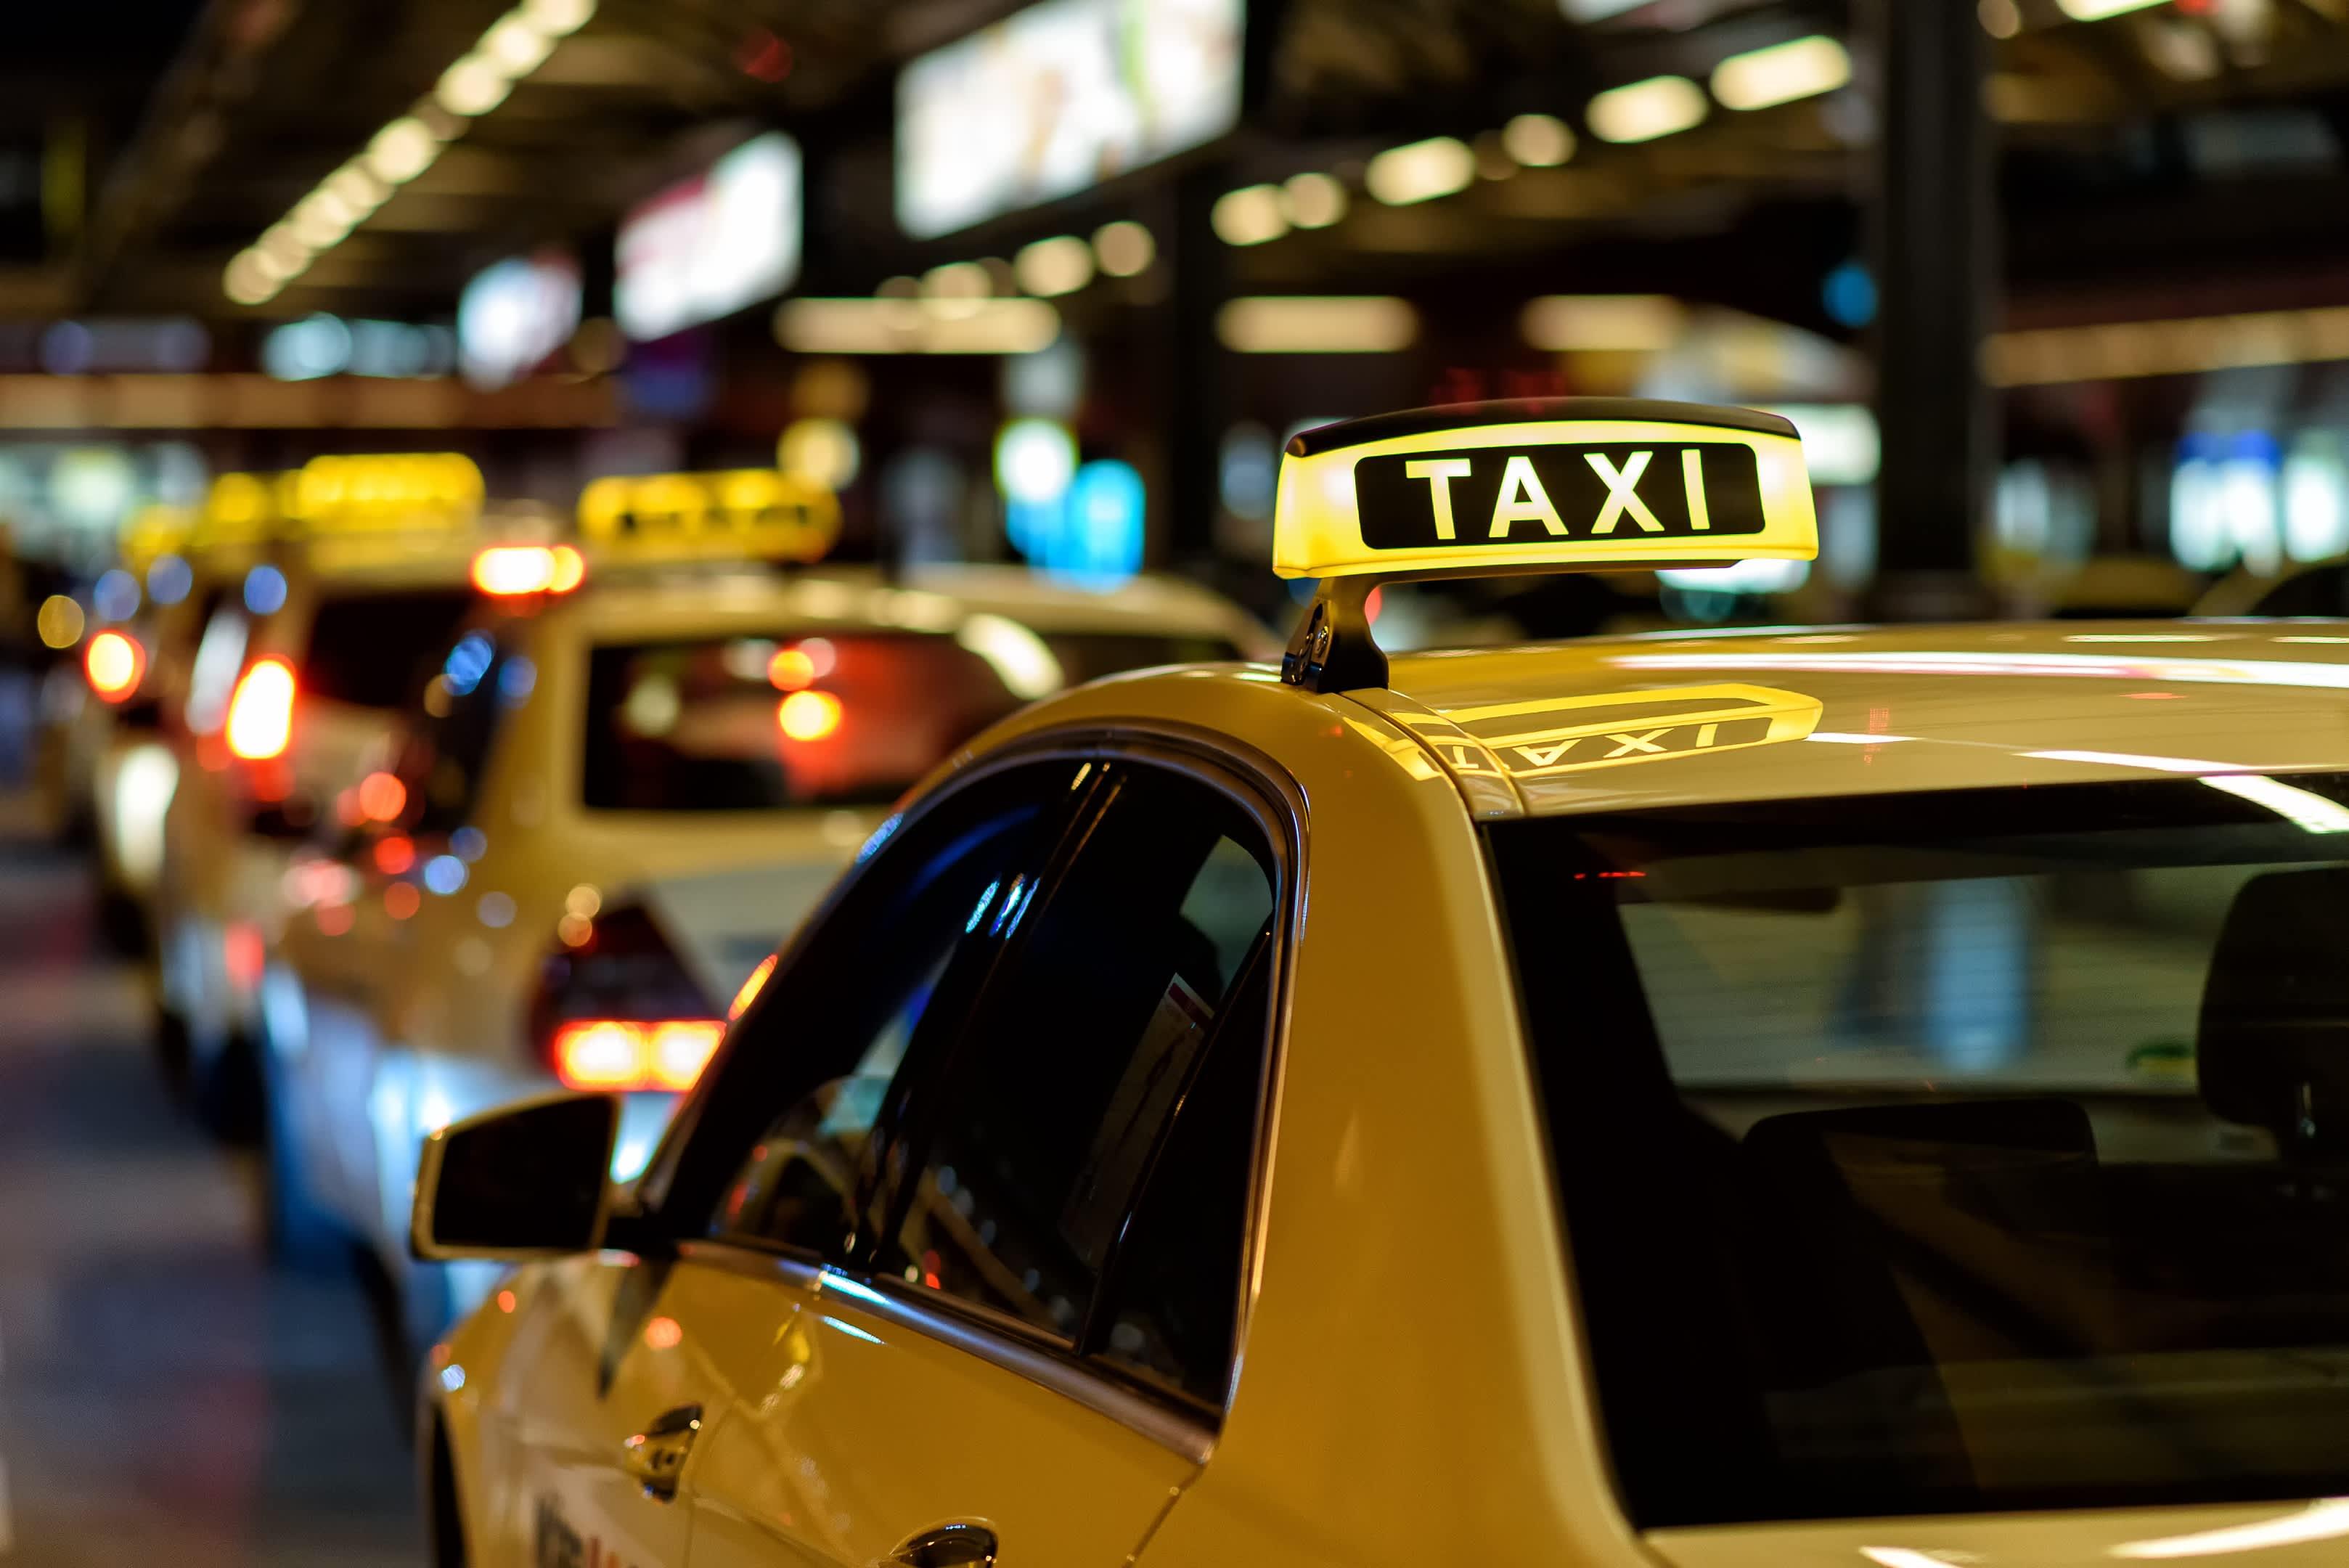 taxi 12550 - HD1254×837